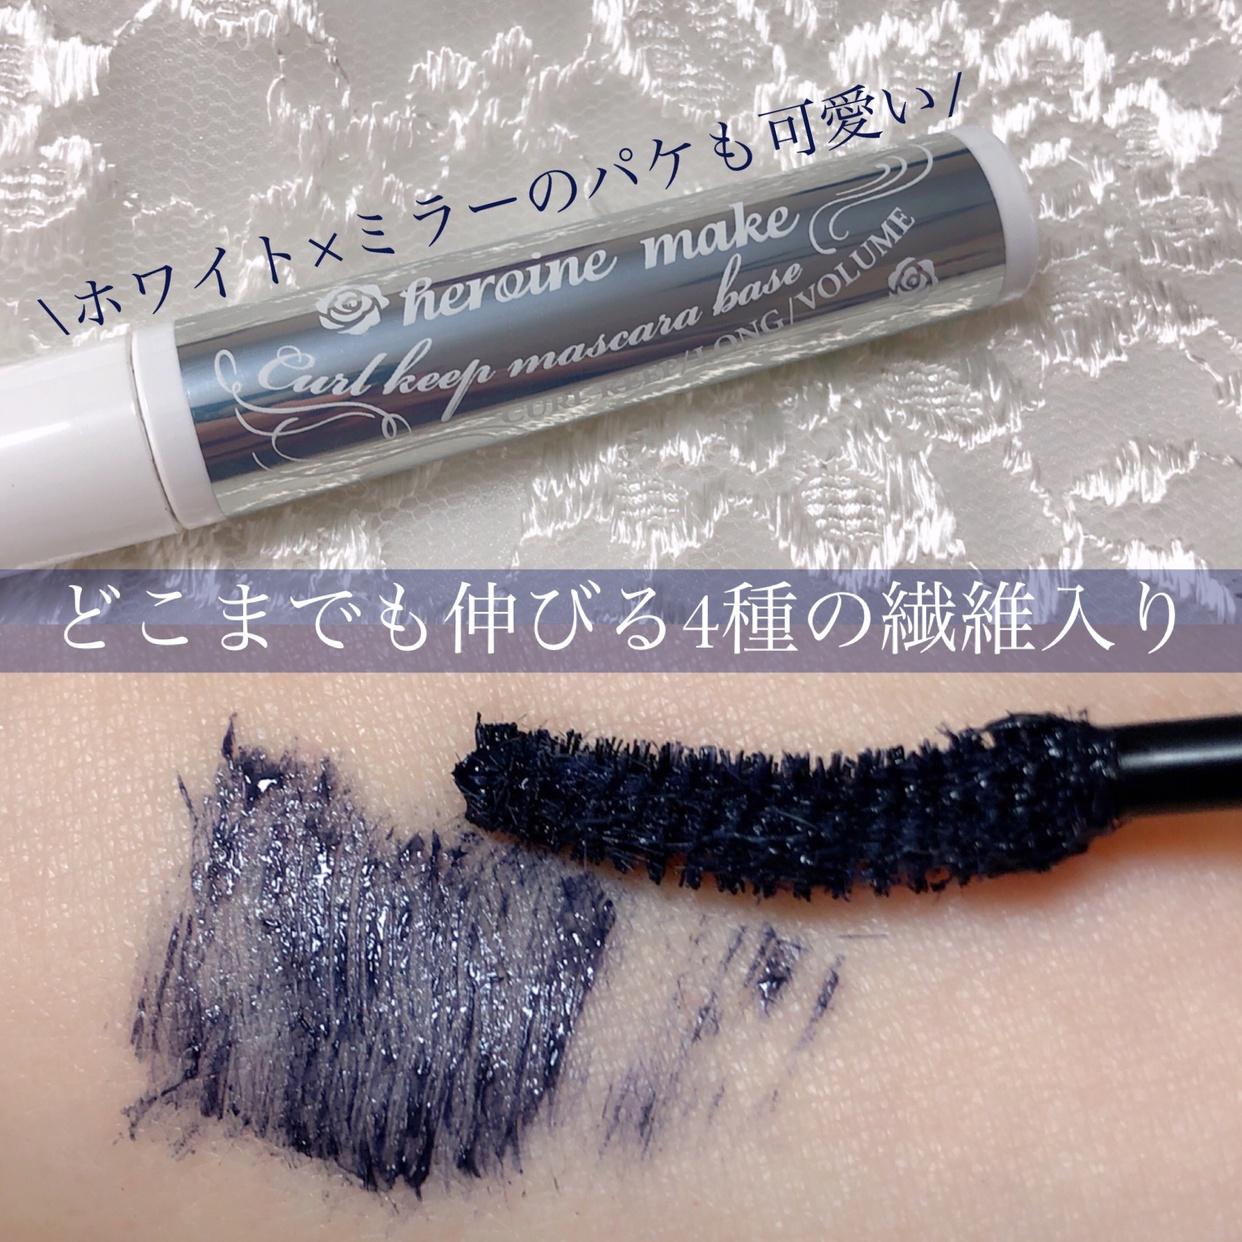 heroine make(ヒロインメイク)カールキープ マスカラベースを使ったsatomiさんのクチコミ画像2